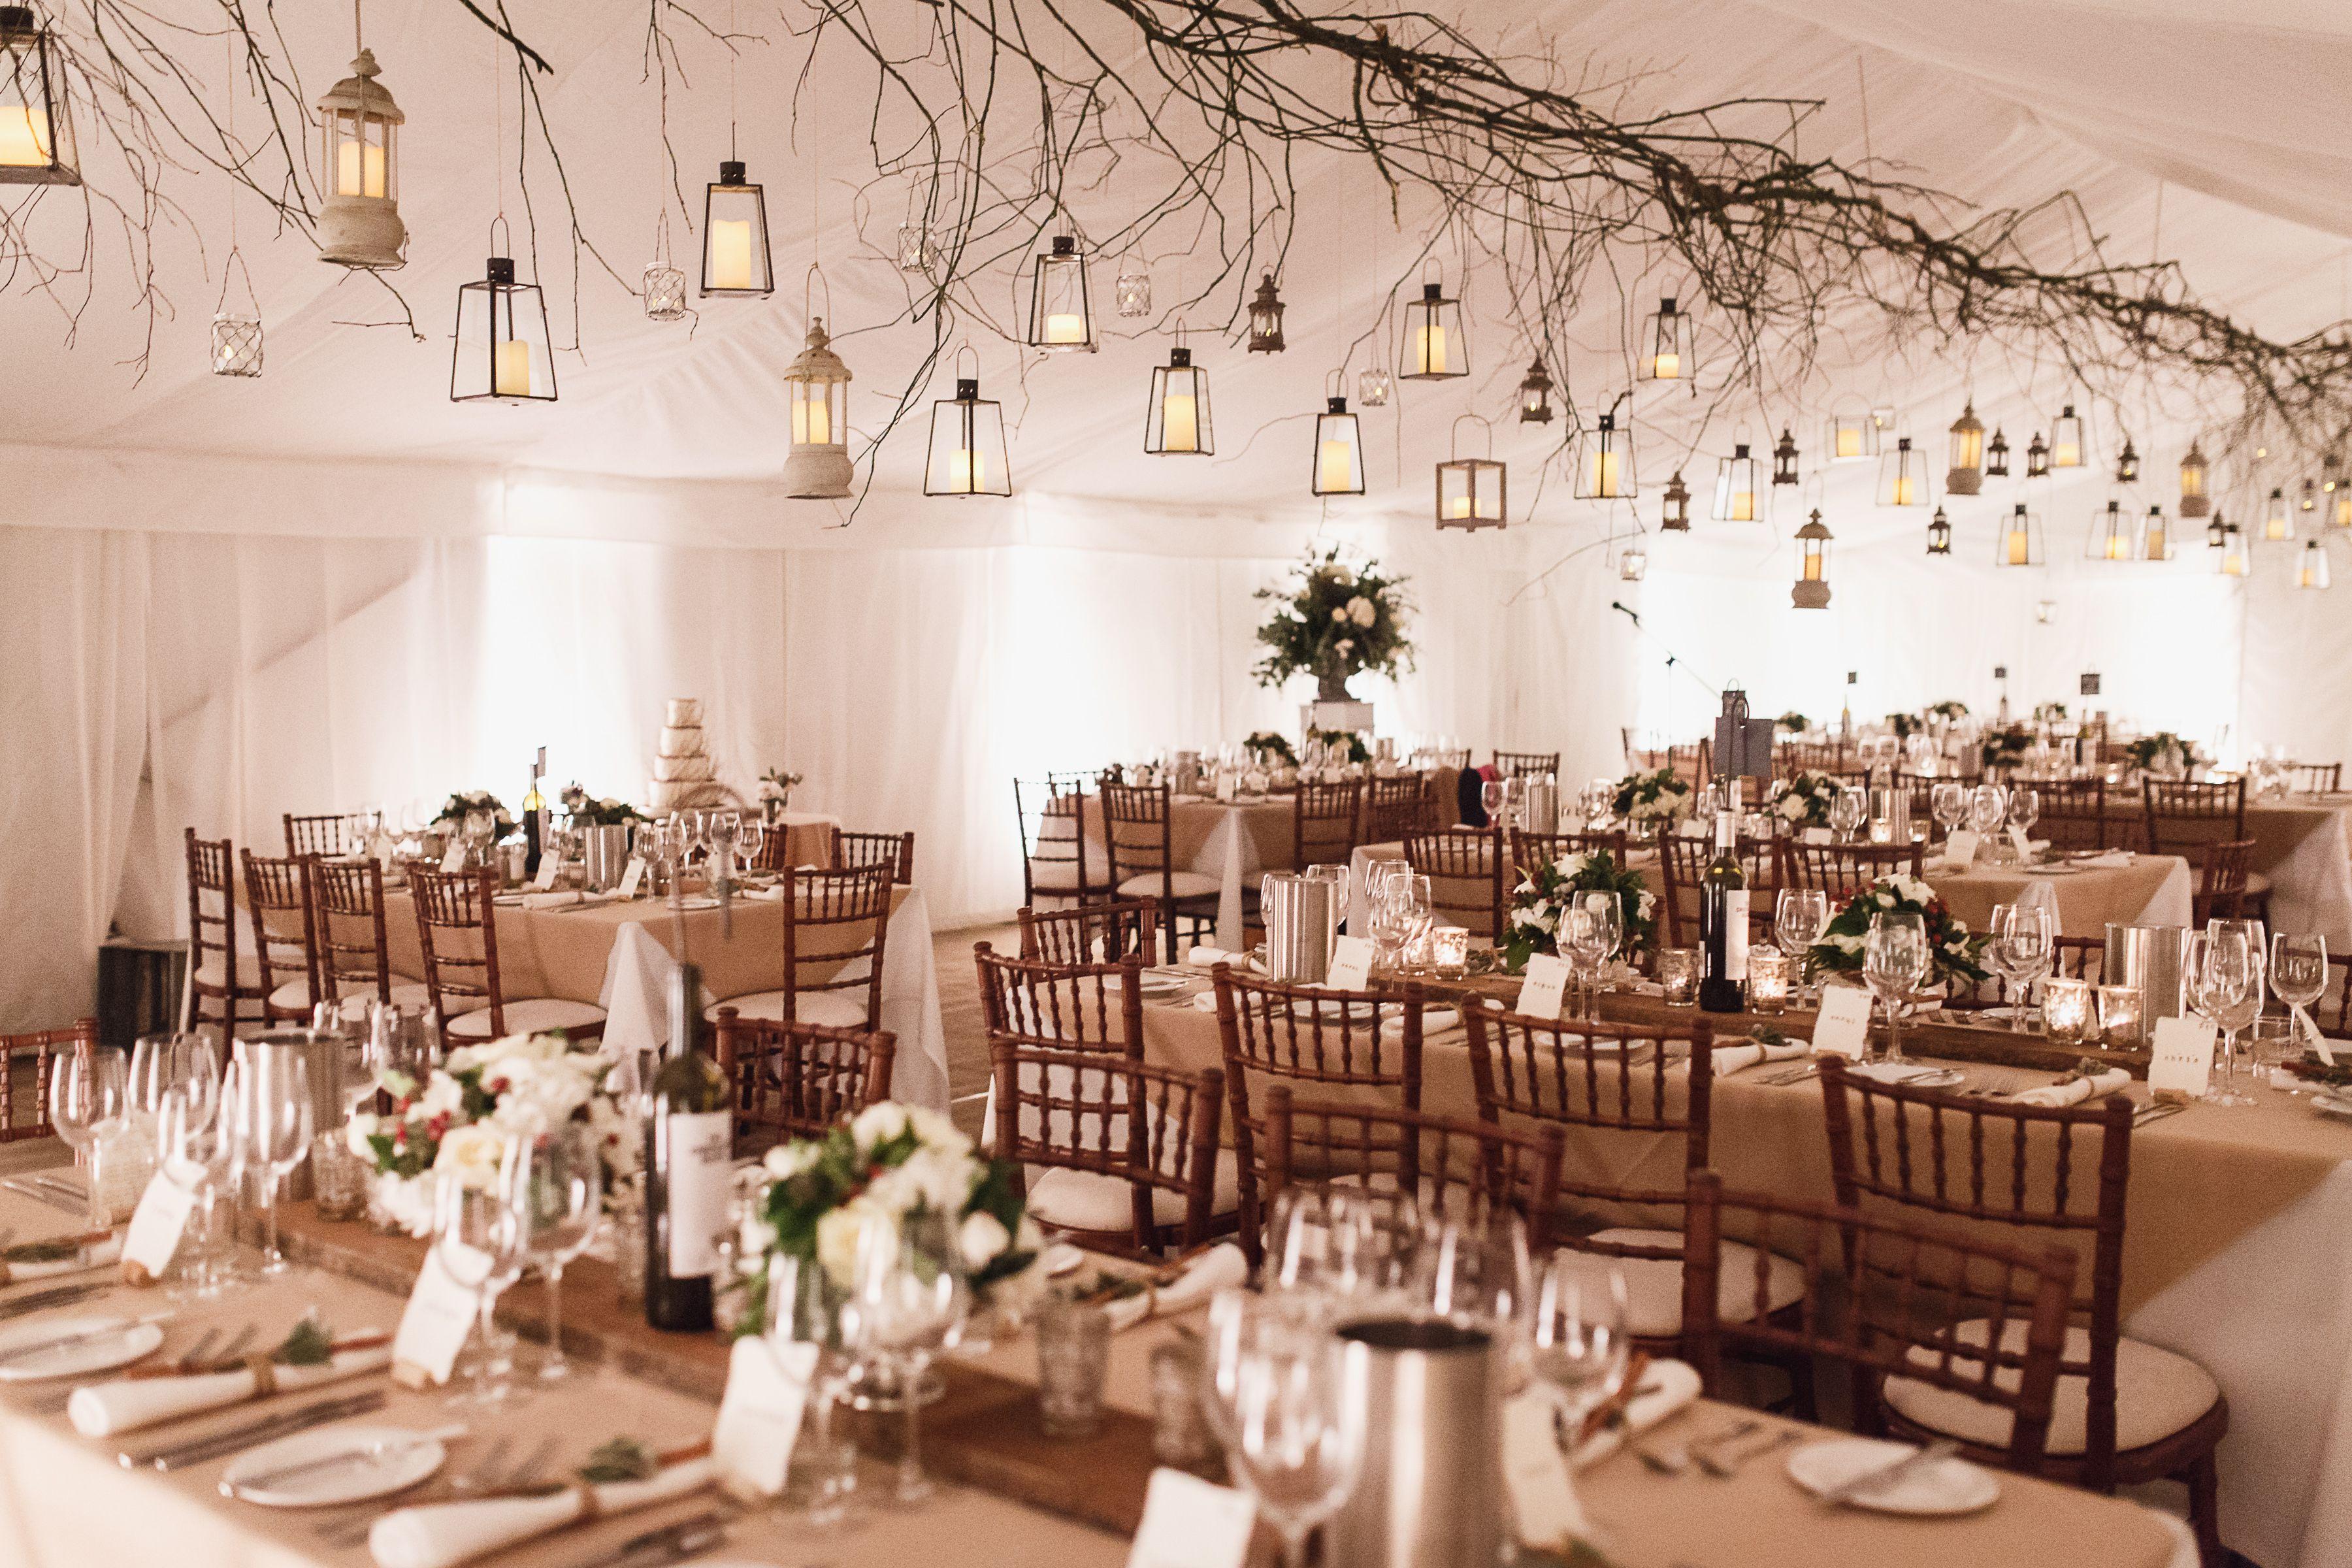 Winter Wedding Marquee Twigs Lanterns Wooden Planks